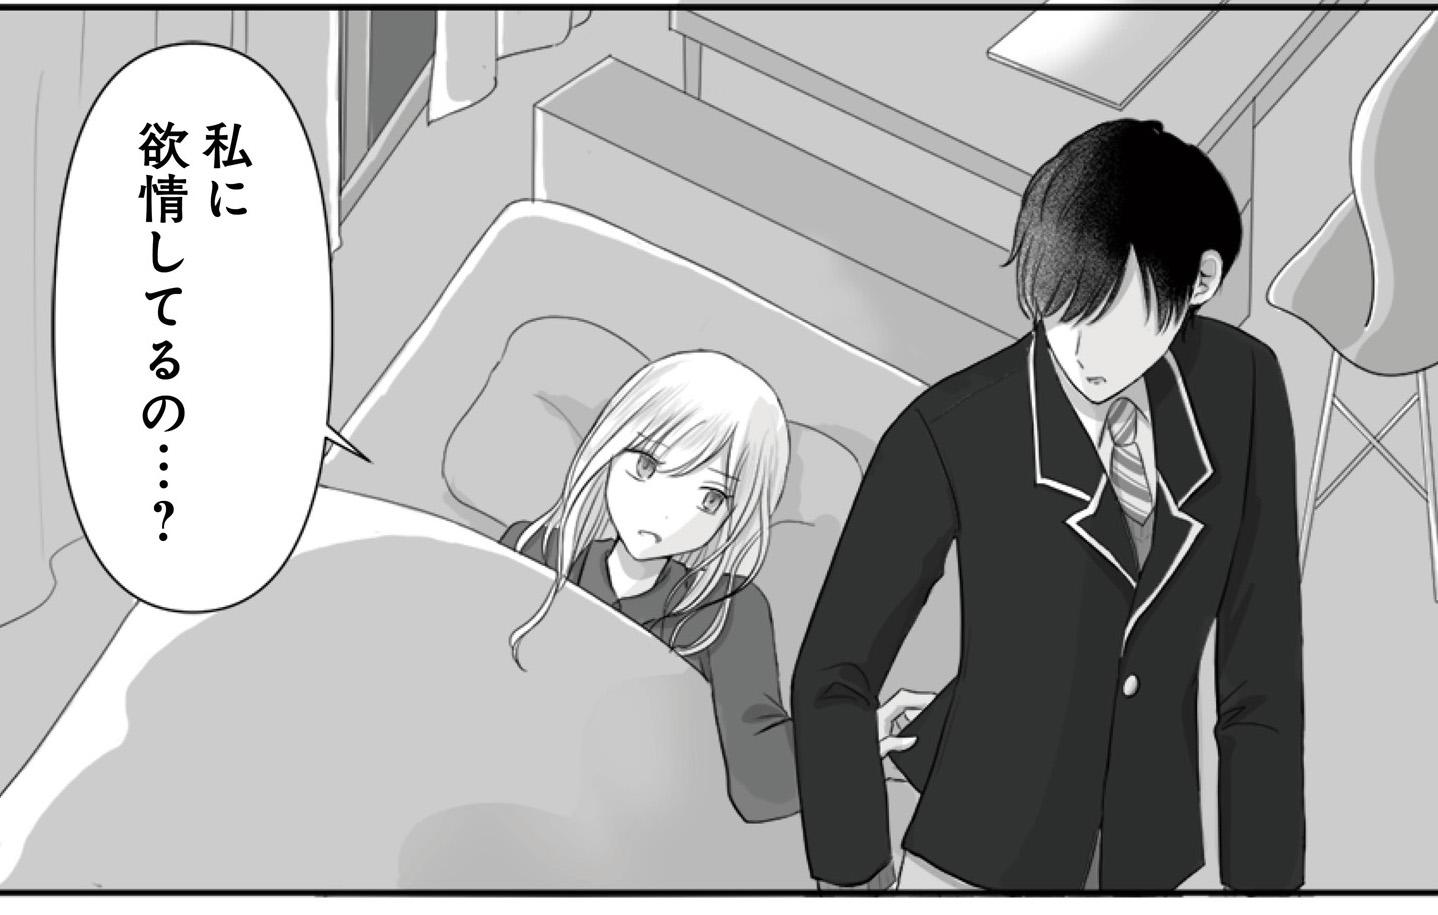 【漫画】「私に欲情してるの…?」酔っ払ってベッドでつい/弟の友達がかわいい(5)